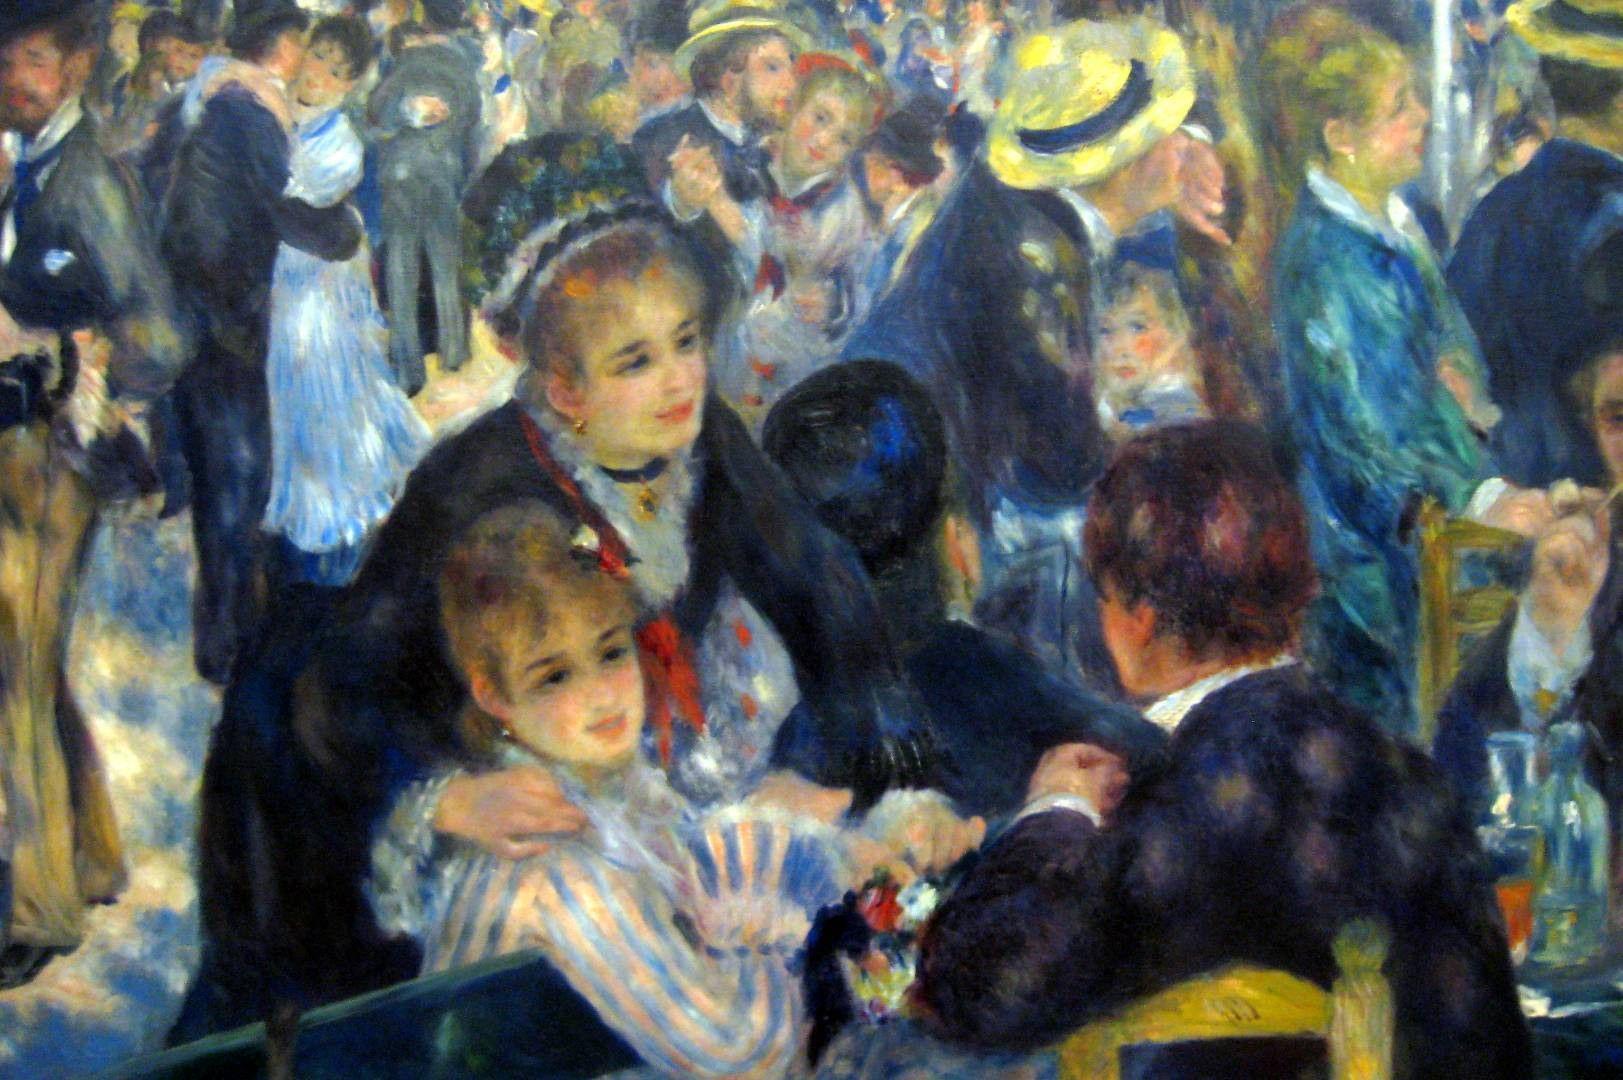 Pierre Auguste Renoir S 1876 Bal Du Moulin De La Galette Dance At